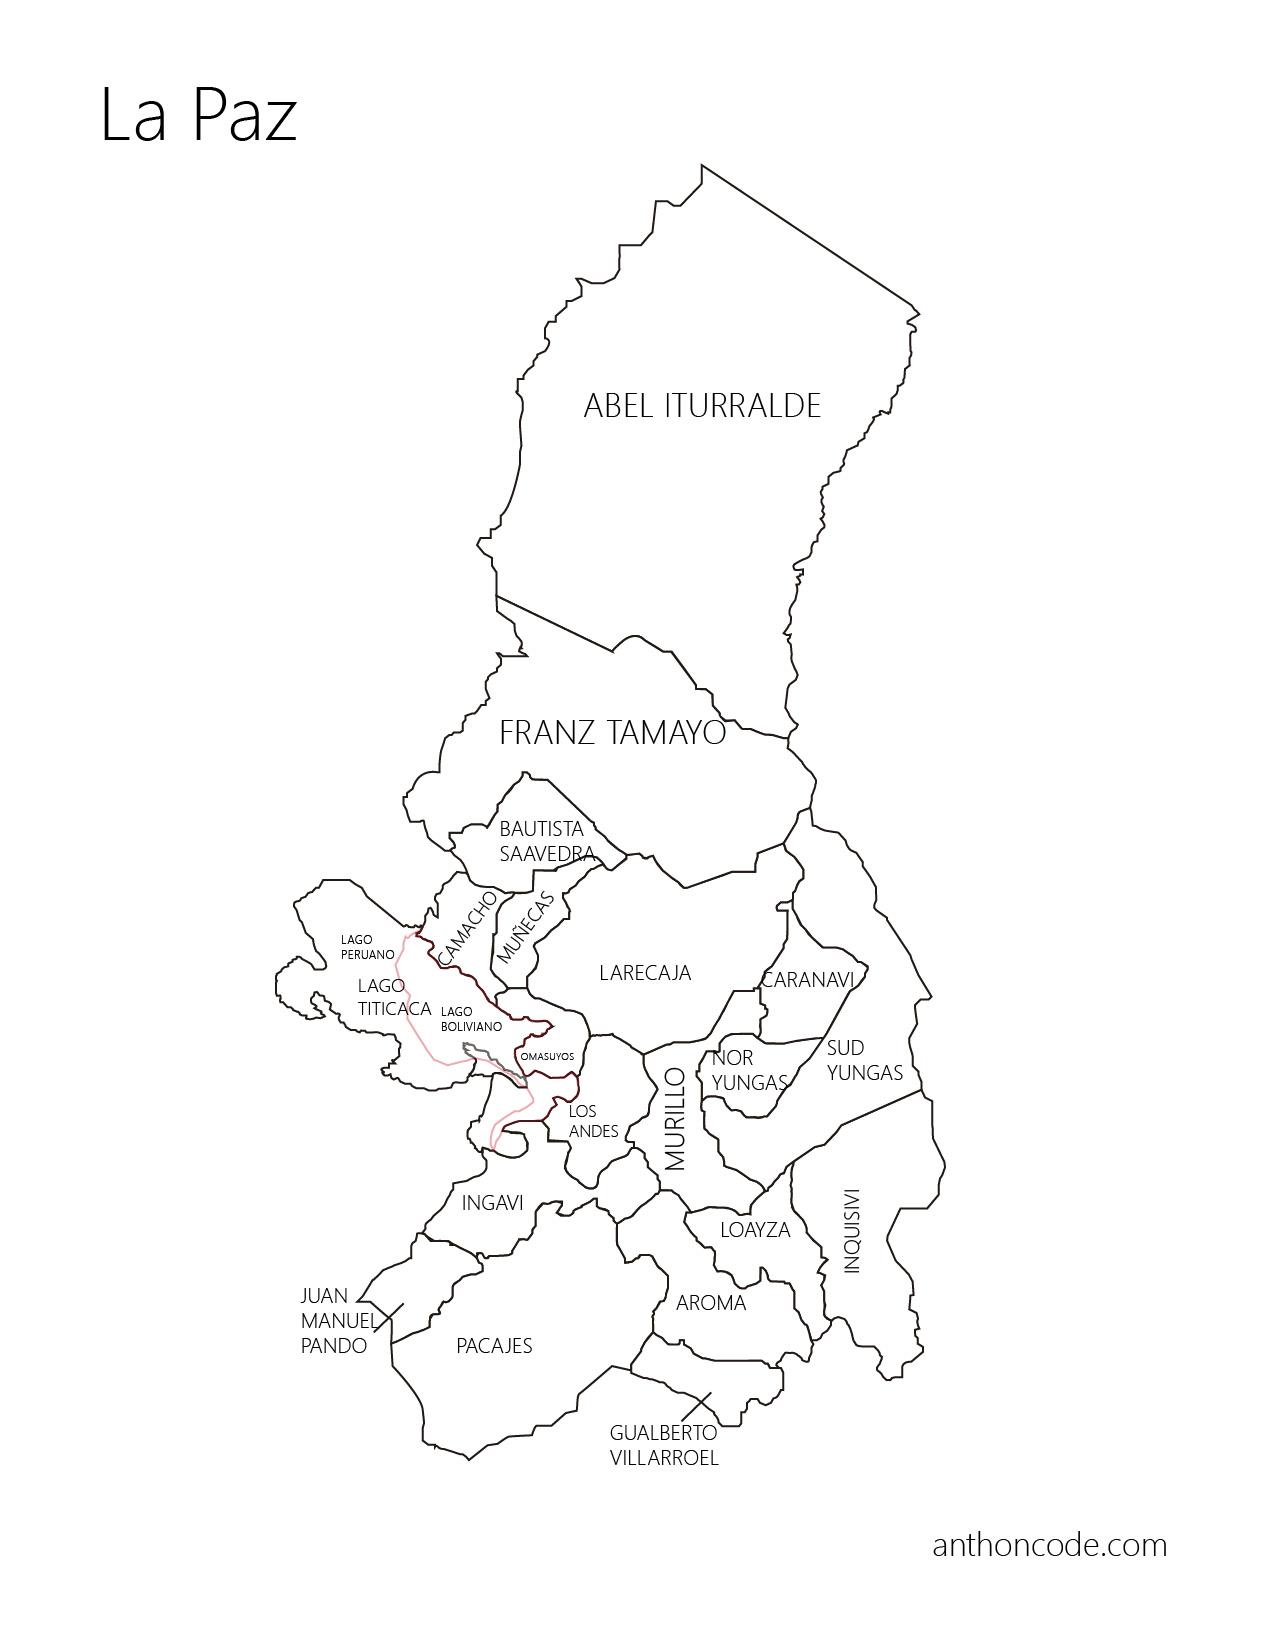 Mapa de La Paz y provincias para colorear